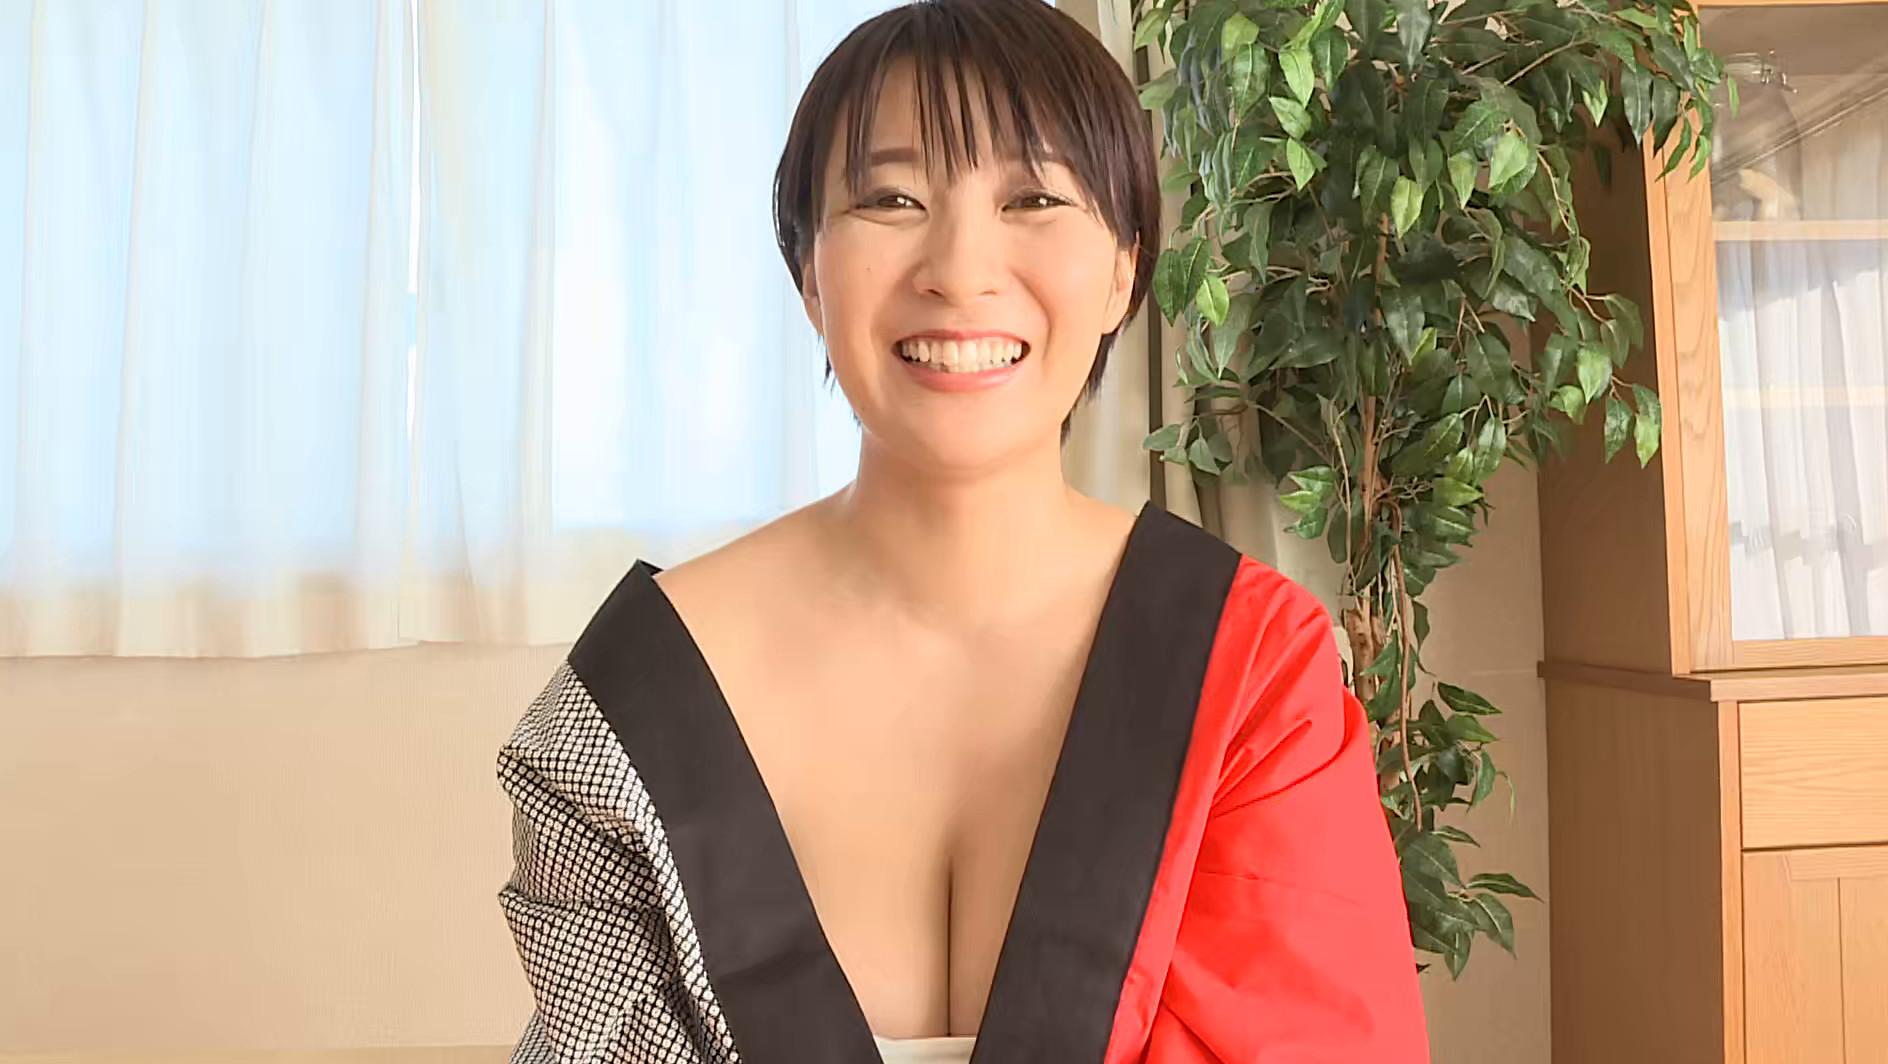 ハウスガール! 紺野栞9